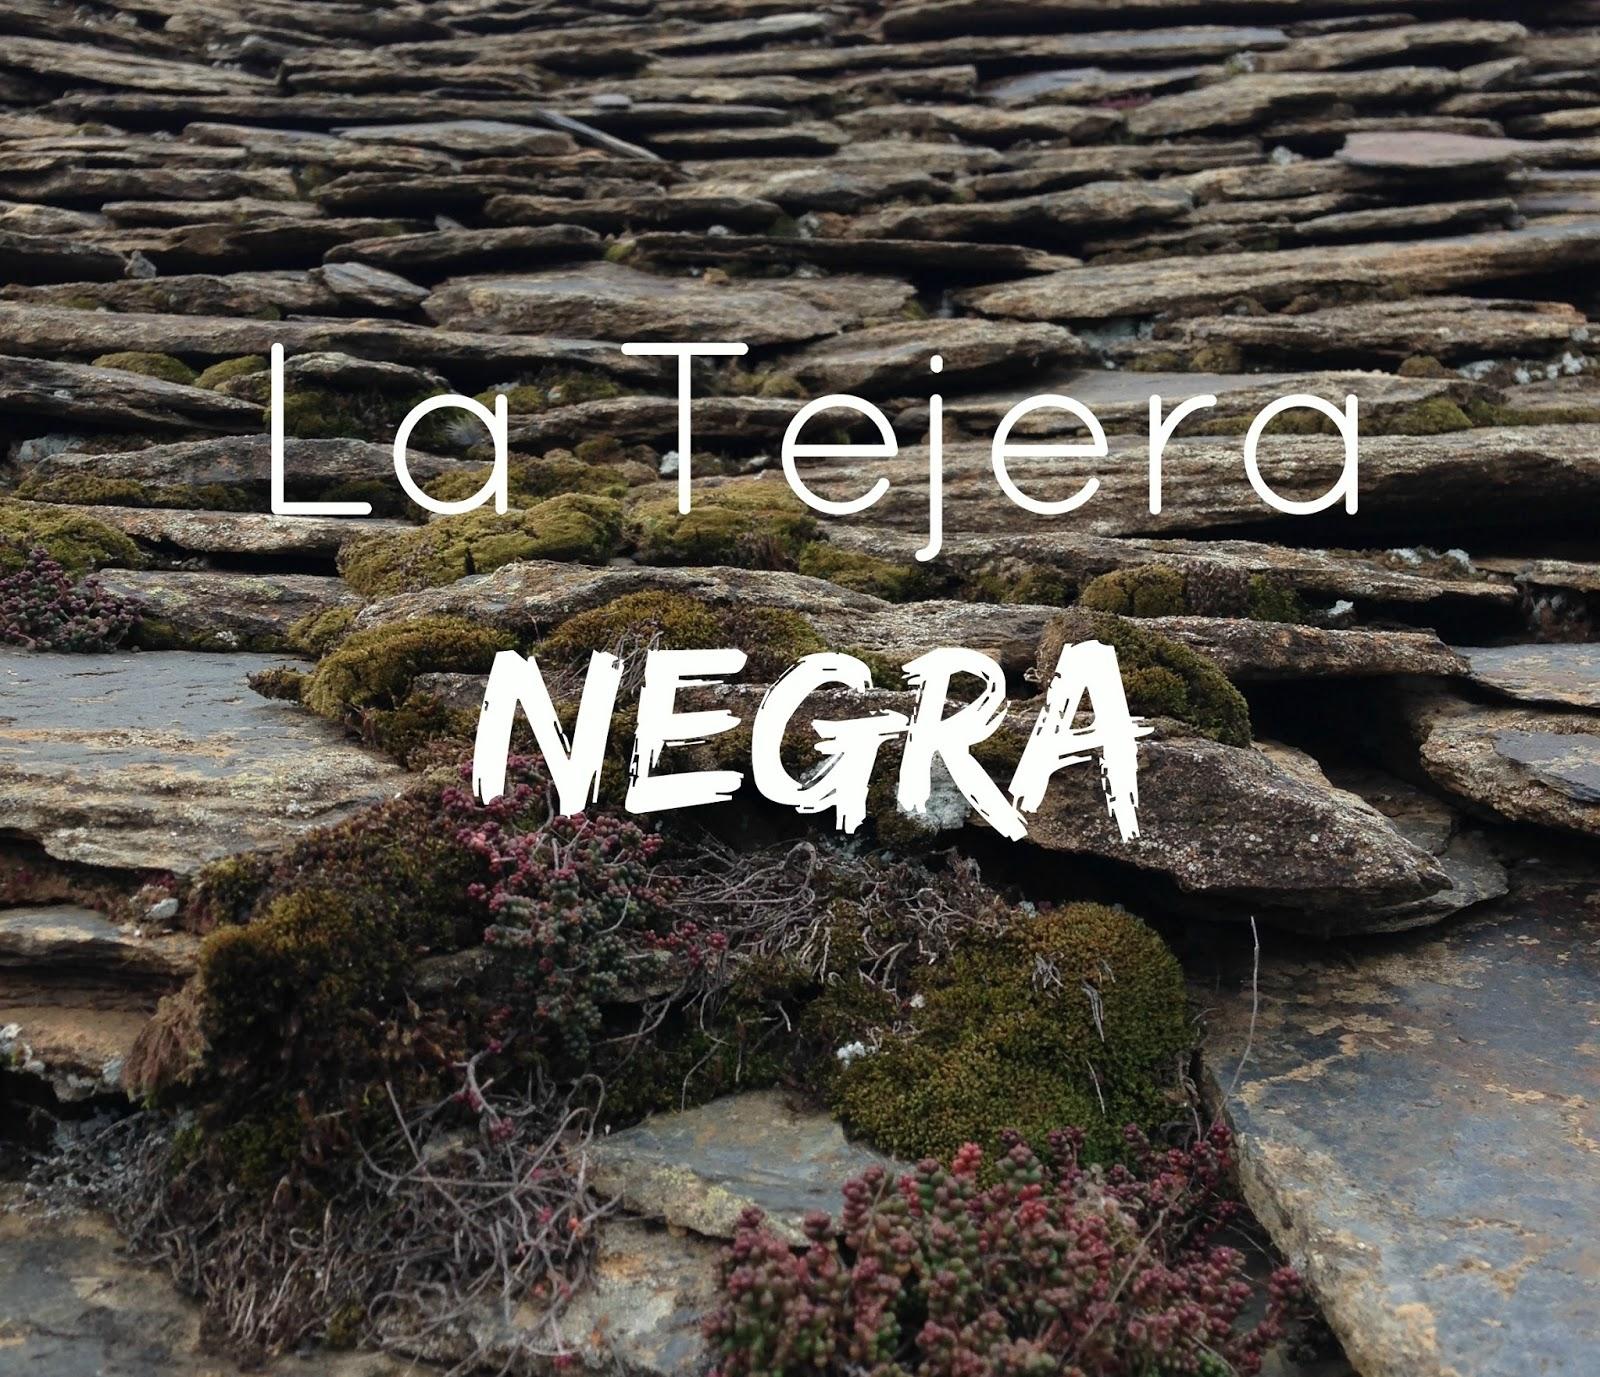 http://mediasytintas.blogspot.com/2015/04/la-tejera-negra.html